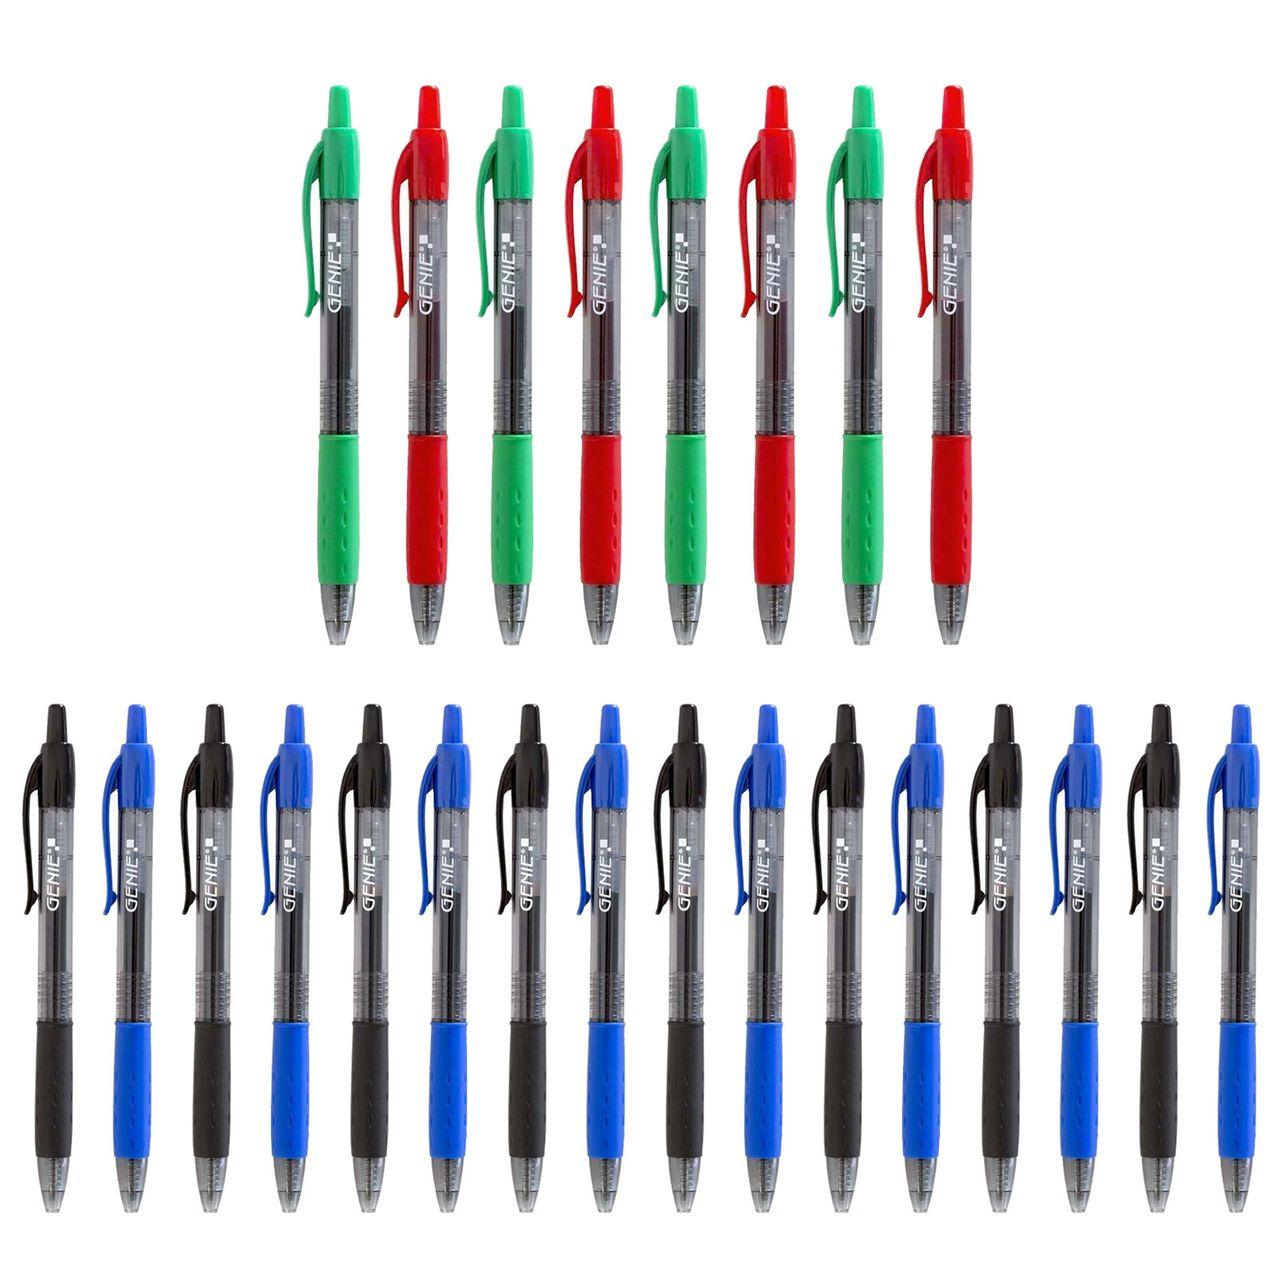 12 GENIE Gelschreiber Set Kugelschreiber Kulli Kuli Stift Gelstifte schwarz blau